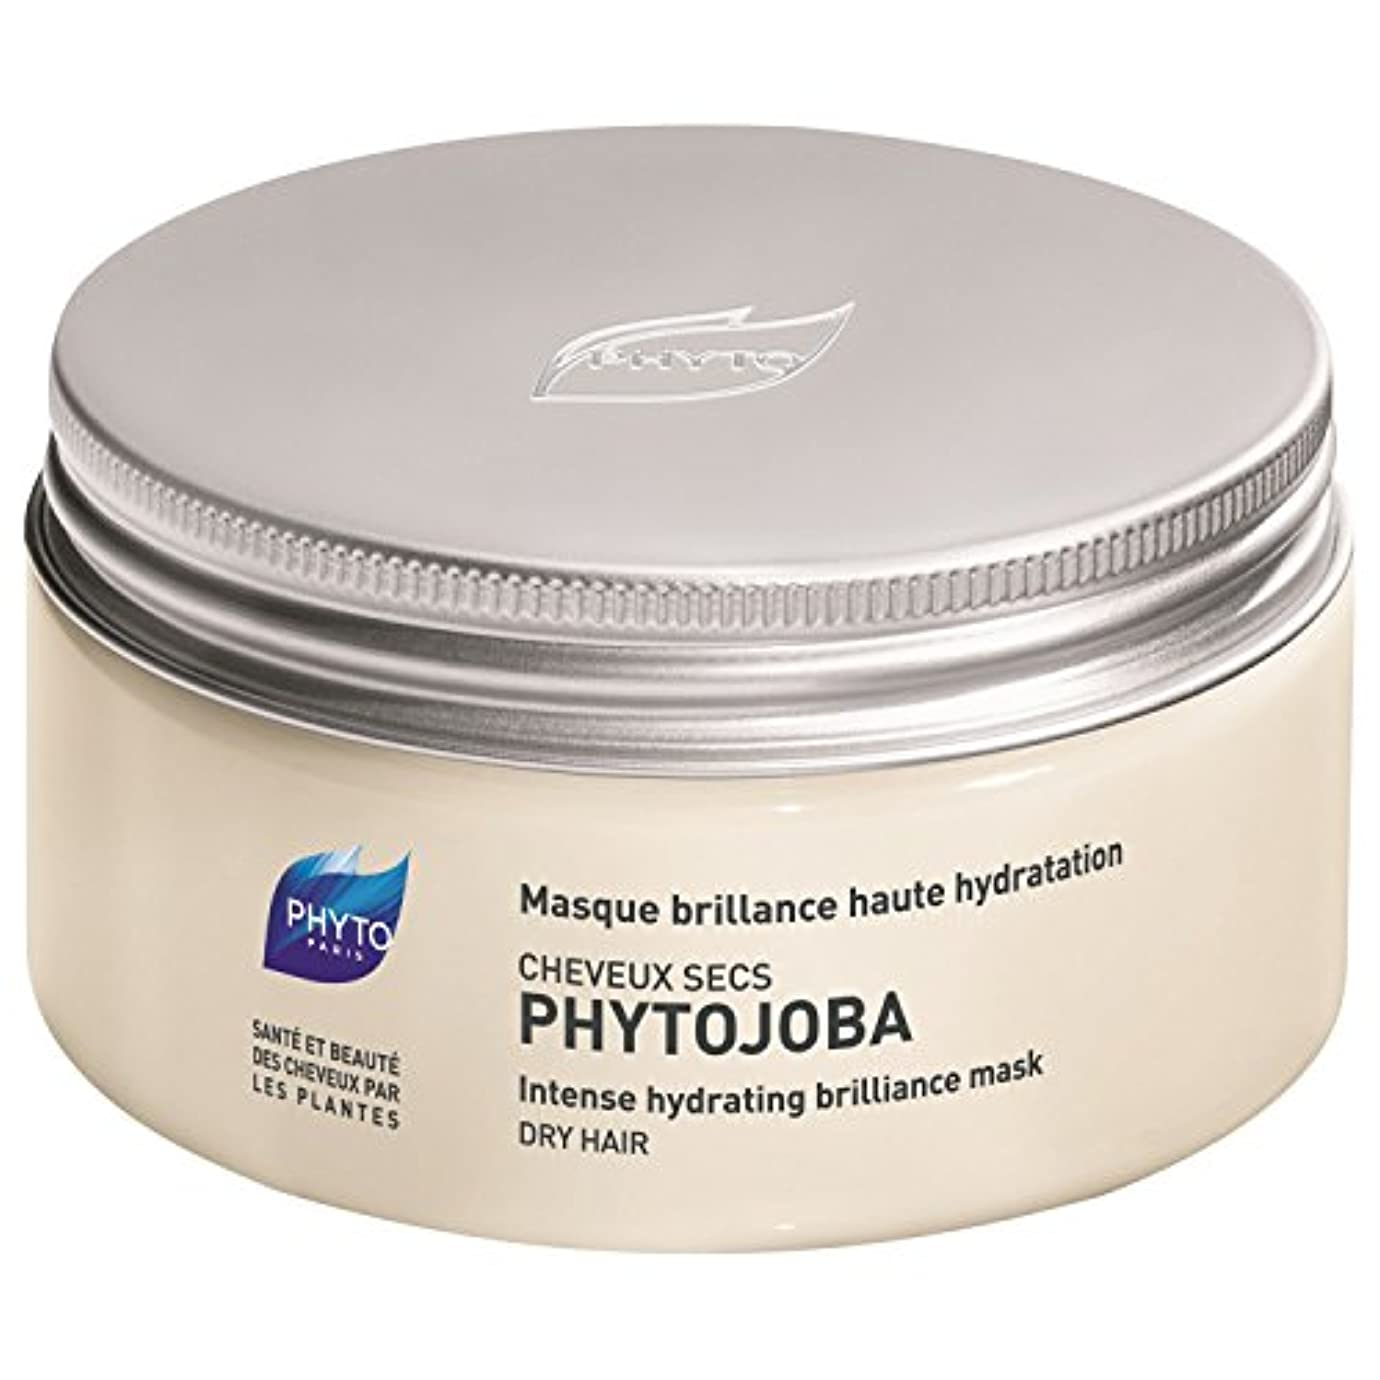 保存する簡単なシティフィトPhytojoba強烈な水分補給マスク200ミリリットル (Phyto) (x6) - Phyto Phytojoba Intense Hydrating Mask 200ml (Pack of 6) [並行輸入品]